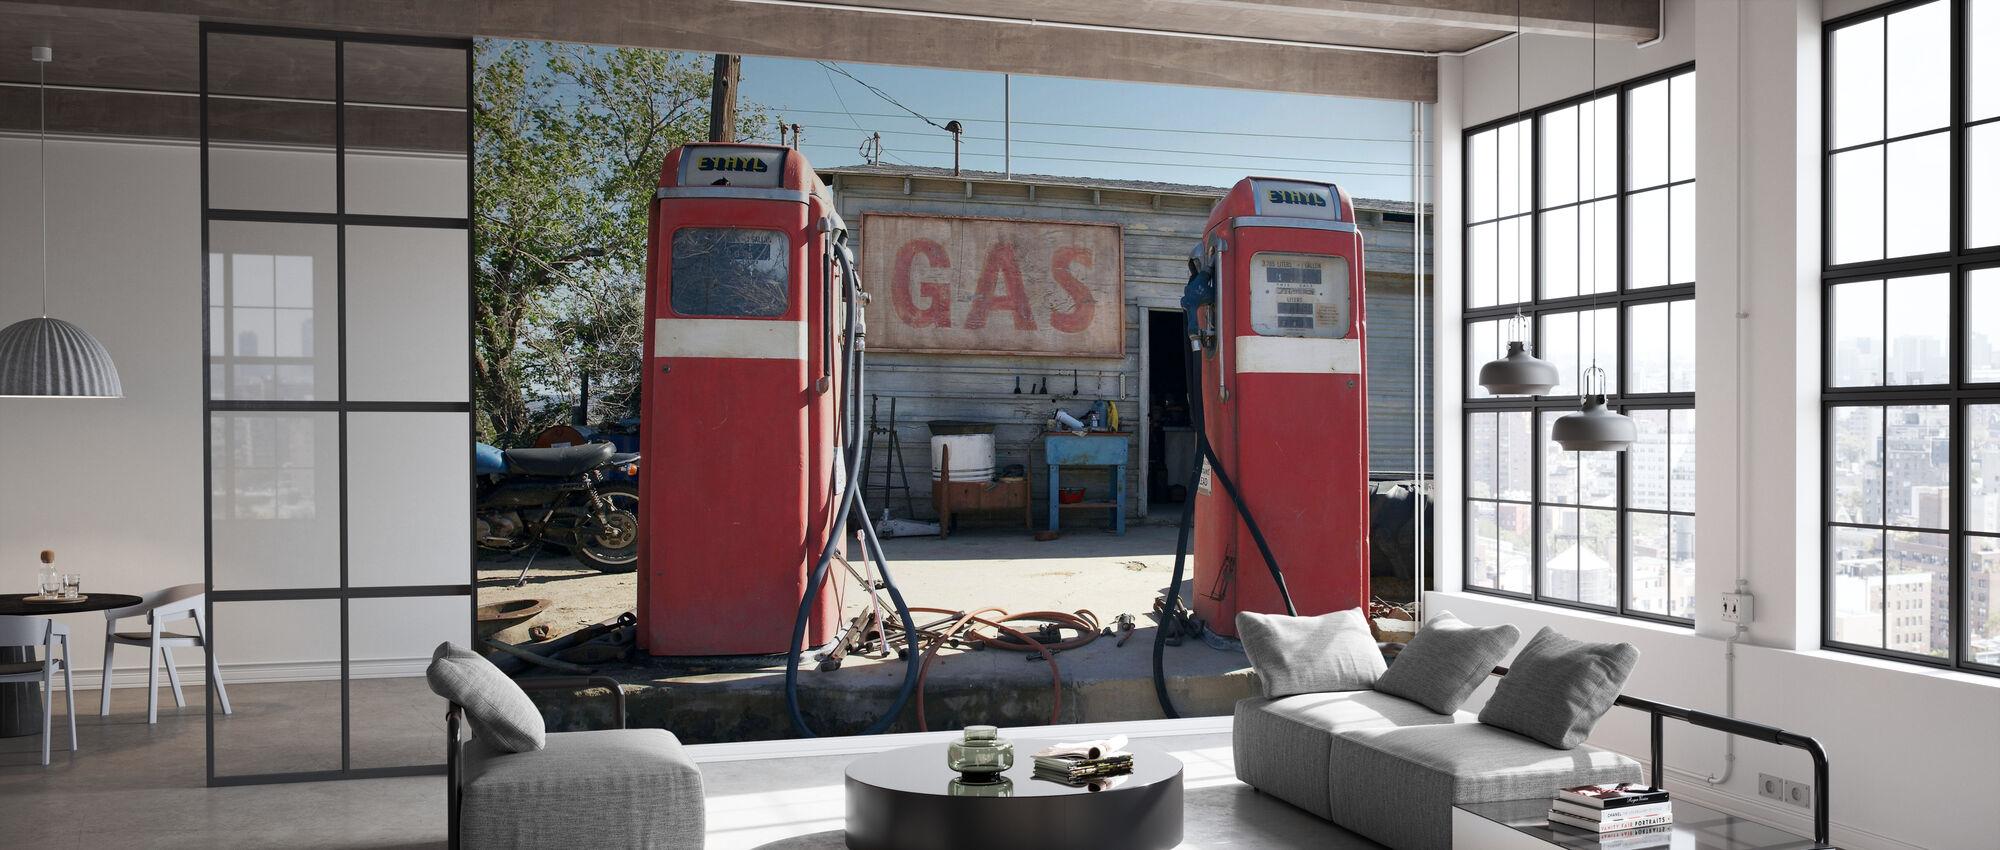 Retro Gaspompen - Behang - Kantoor